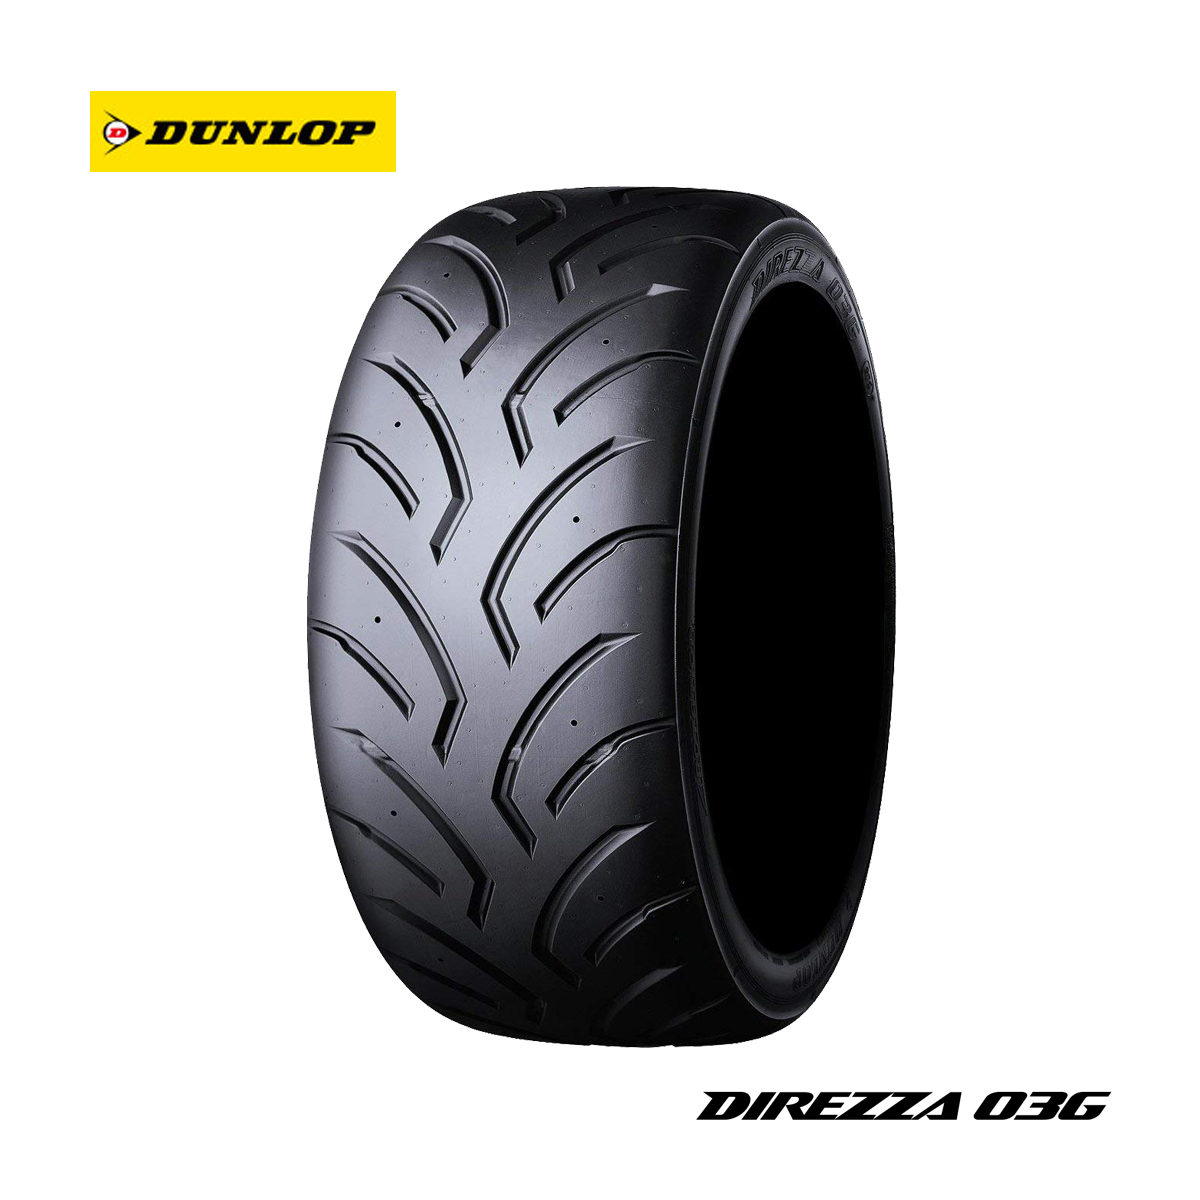 DUNLOP ダンロップ Sタイヤ ハイグリップ モータースポーツ 1本 17インチ 225/45R17 DIREZZA ディレッツァ 03G コンパウンド R2